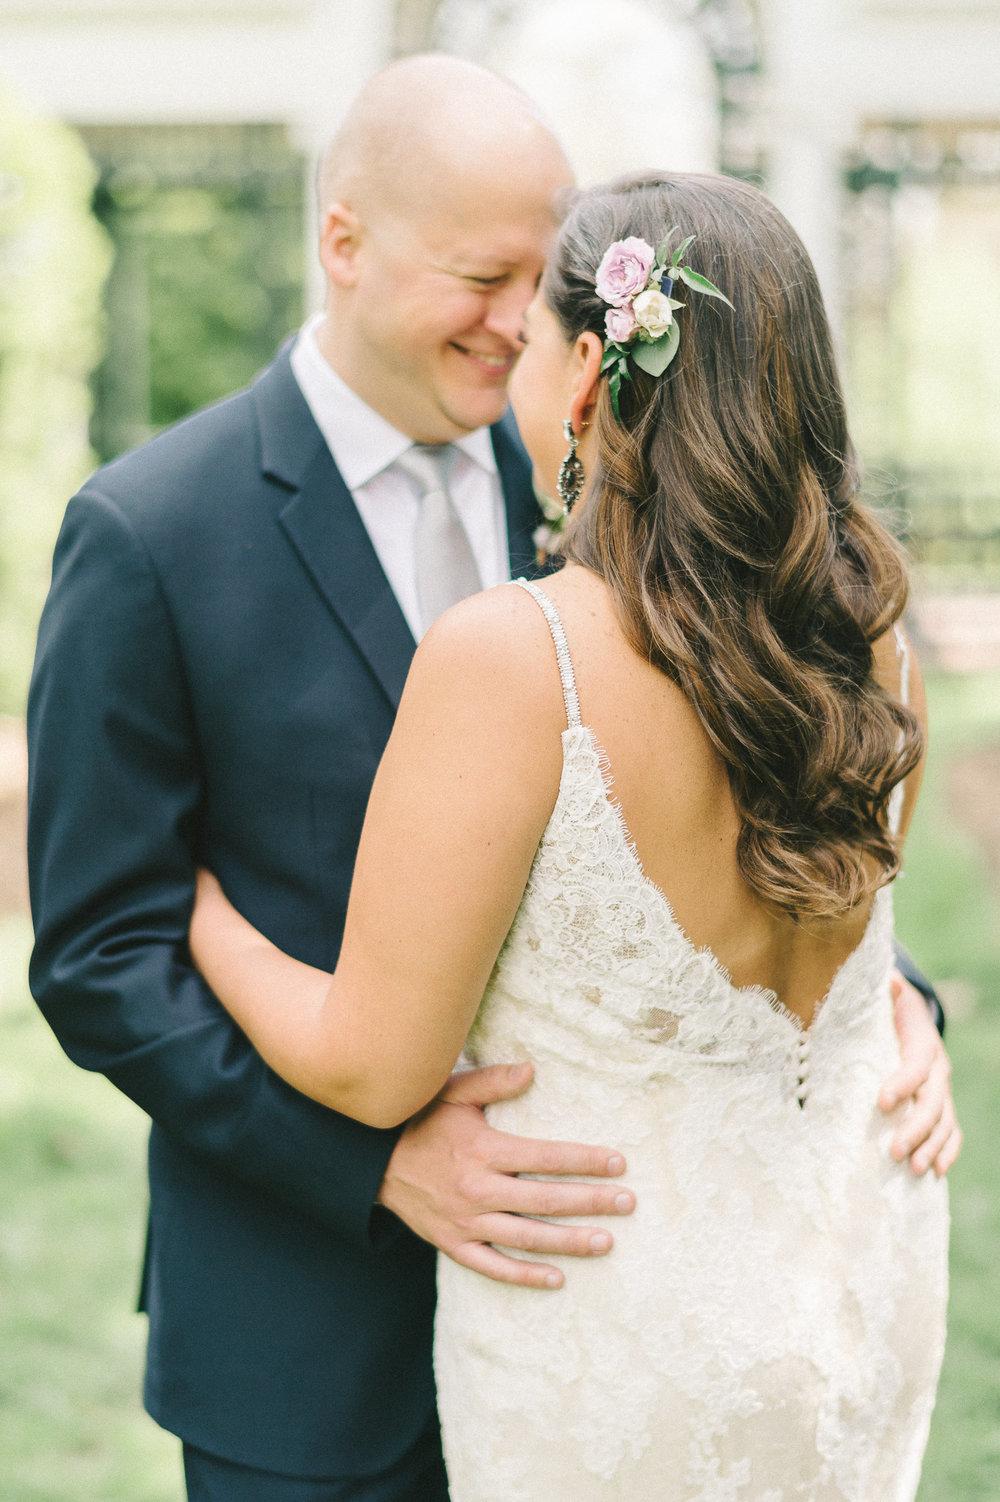 Elizabeth-Fogarty-Wedding-Photography-66.jpg